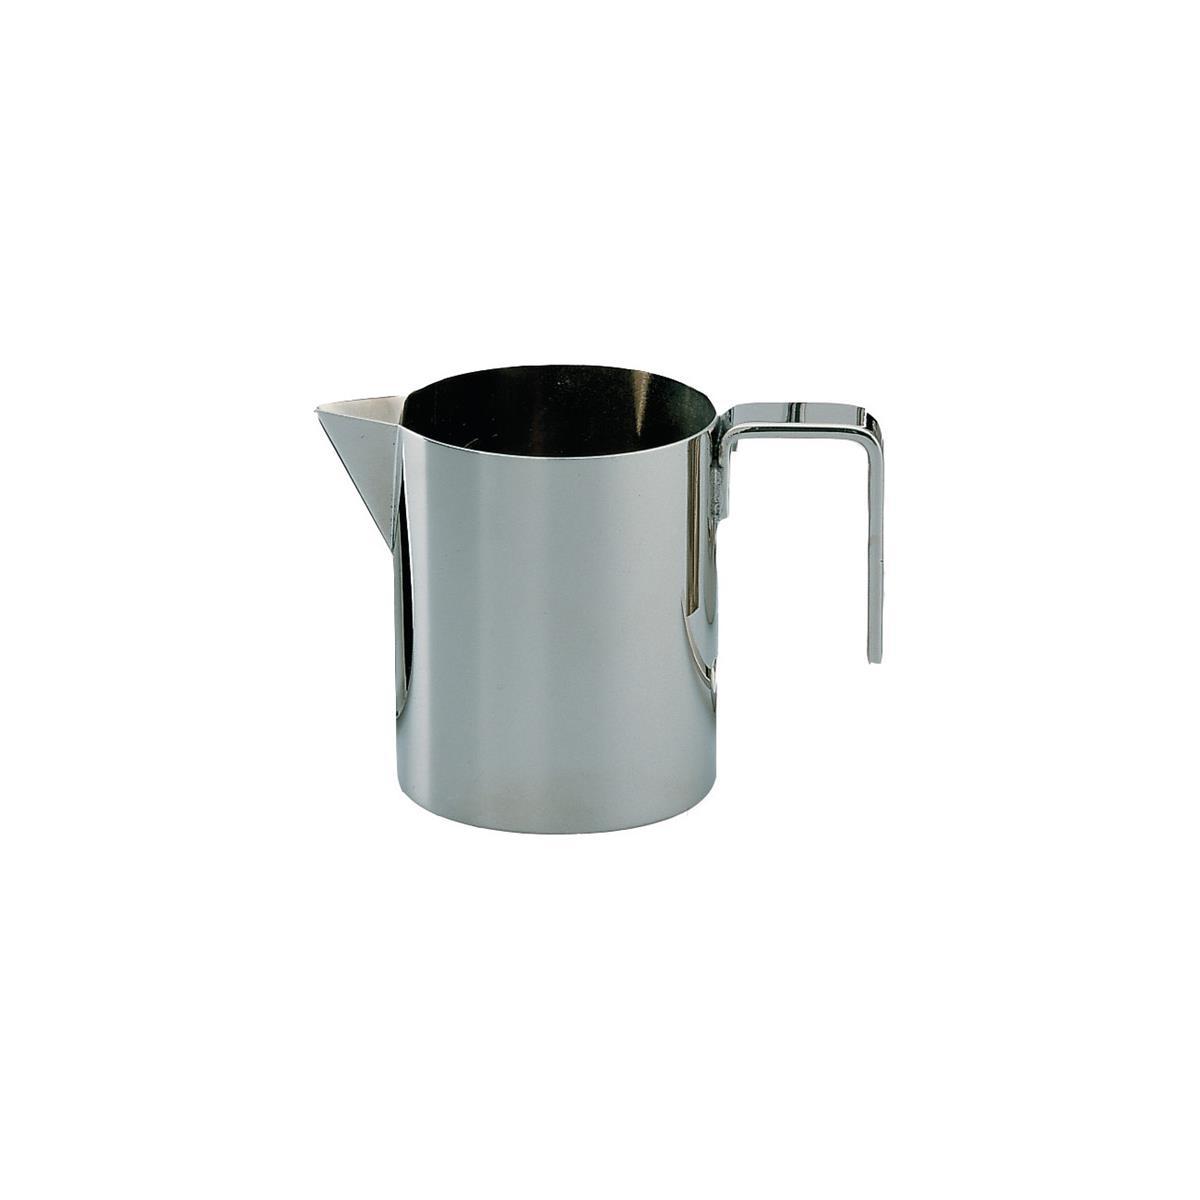 Alessi-Cremiera in acciaio inox 18/10 lucido